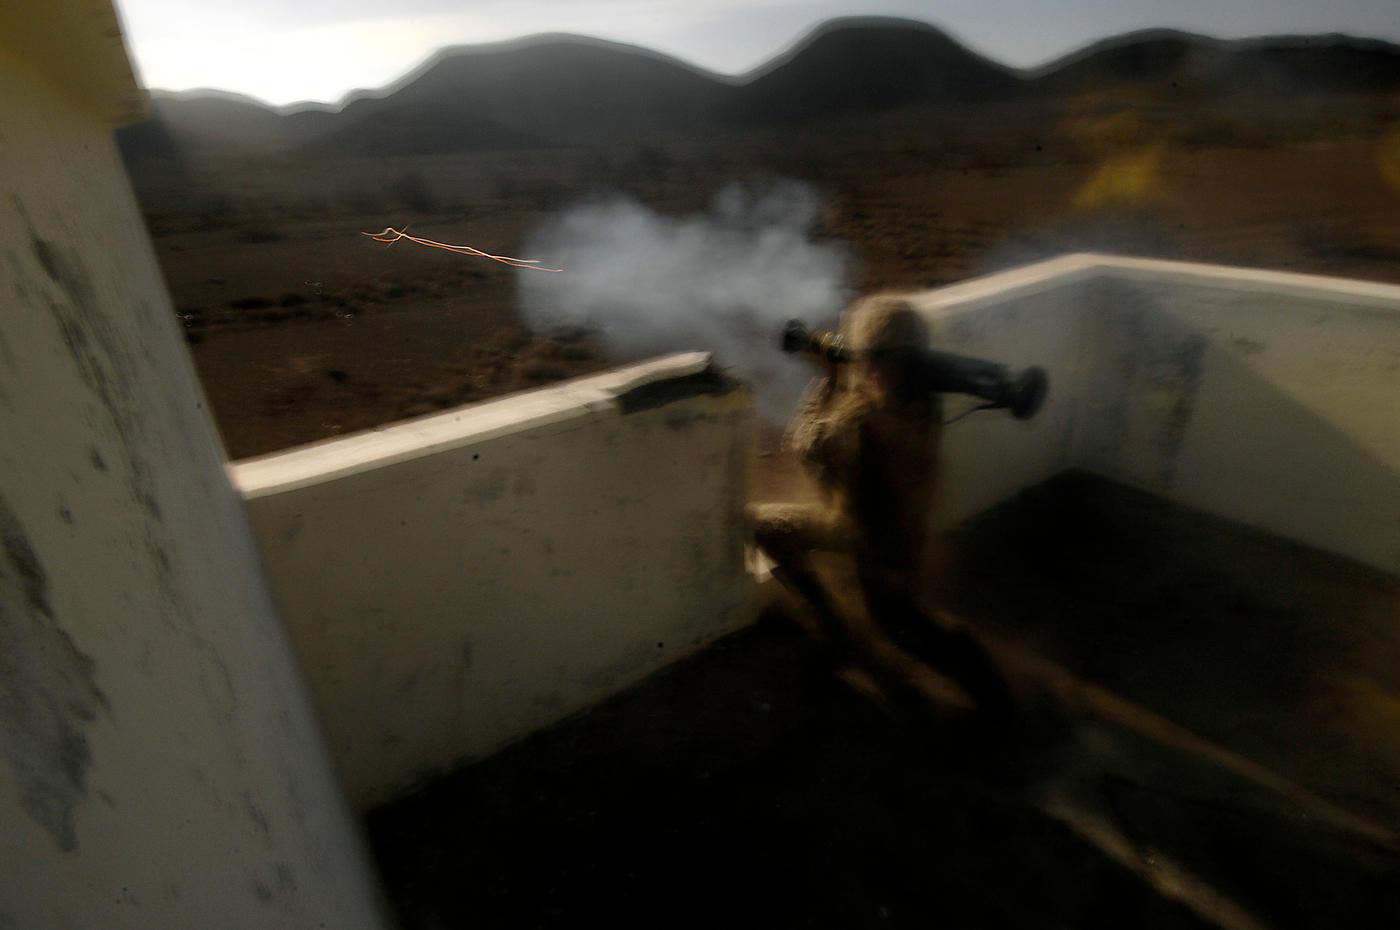 2008 Anti-Tank Weapon